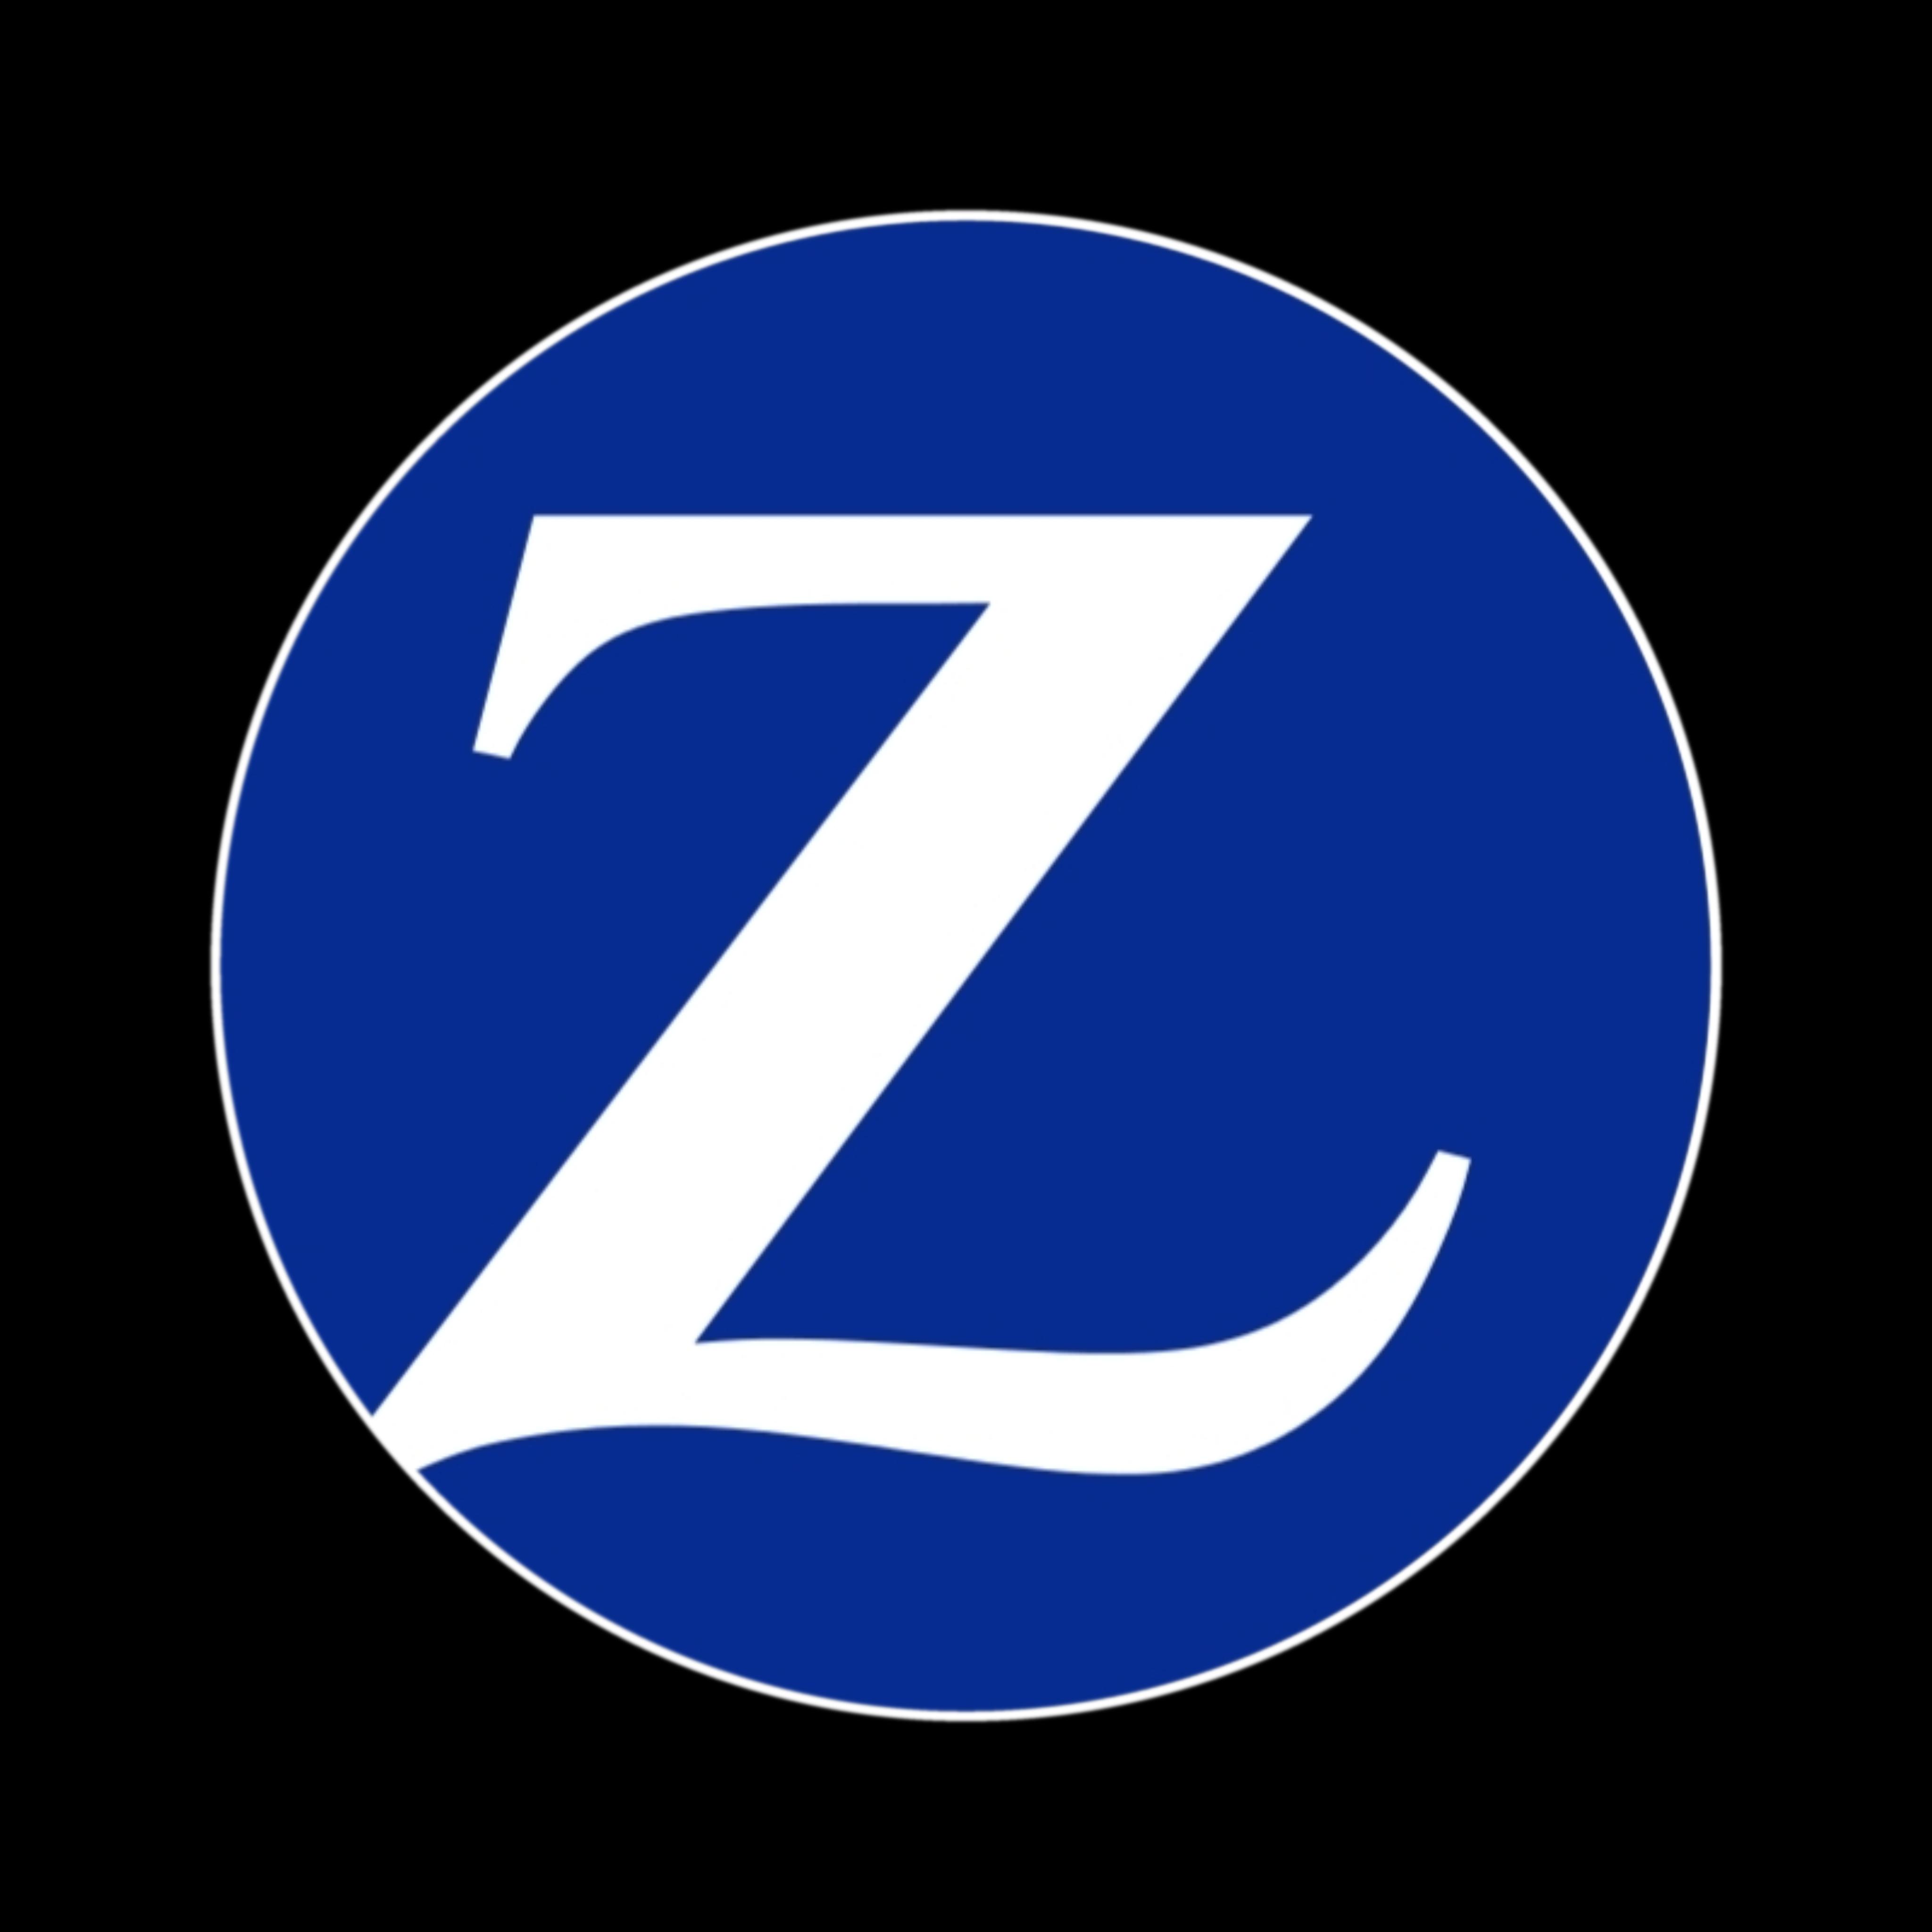 Accardo - Zurich Assicurazioni Formigine Icon